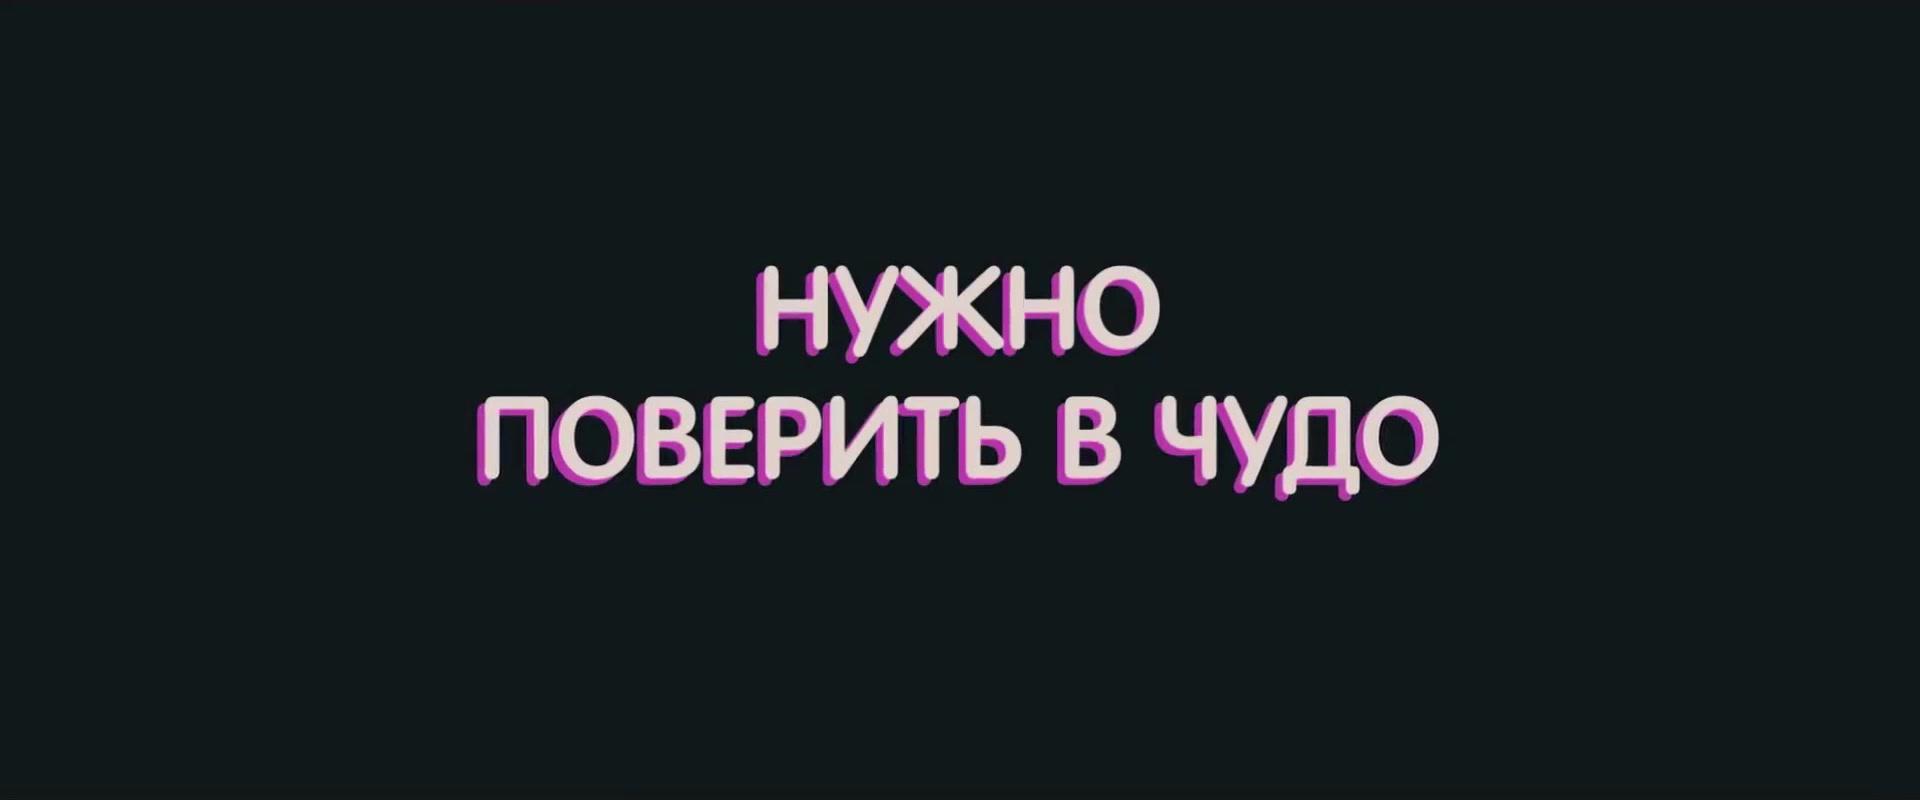 МУЛЬТИКИ БРАТЦ СМОТРЕТЬ ОНЛАЙН бесплатно новые серии для